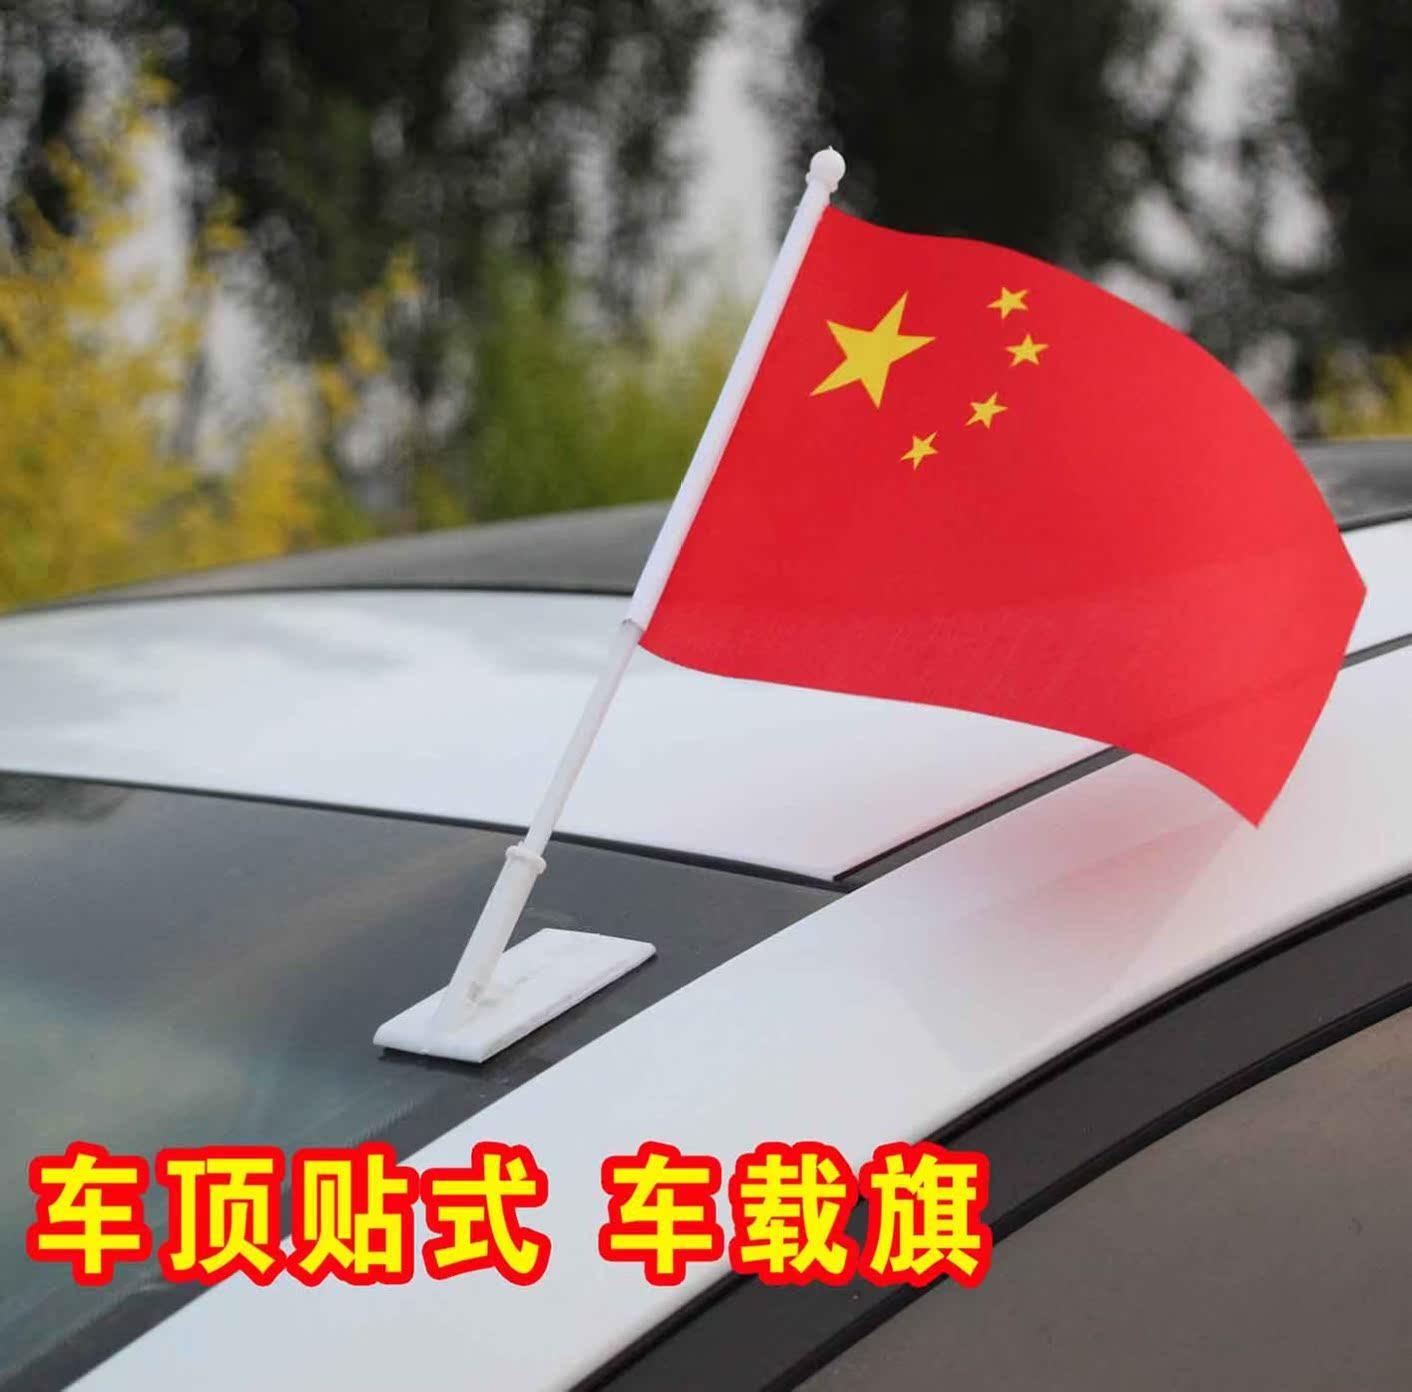 车载国旗摆件五星汽车高档车小红旗